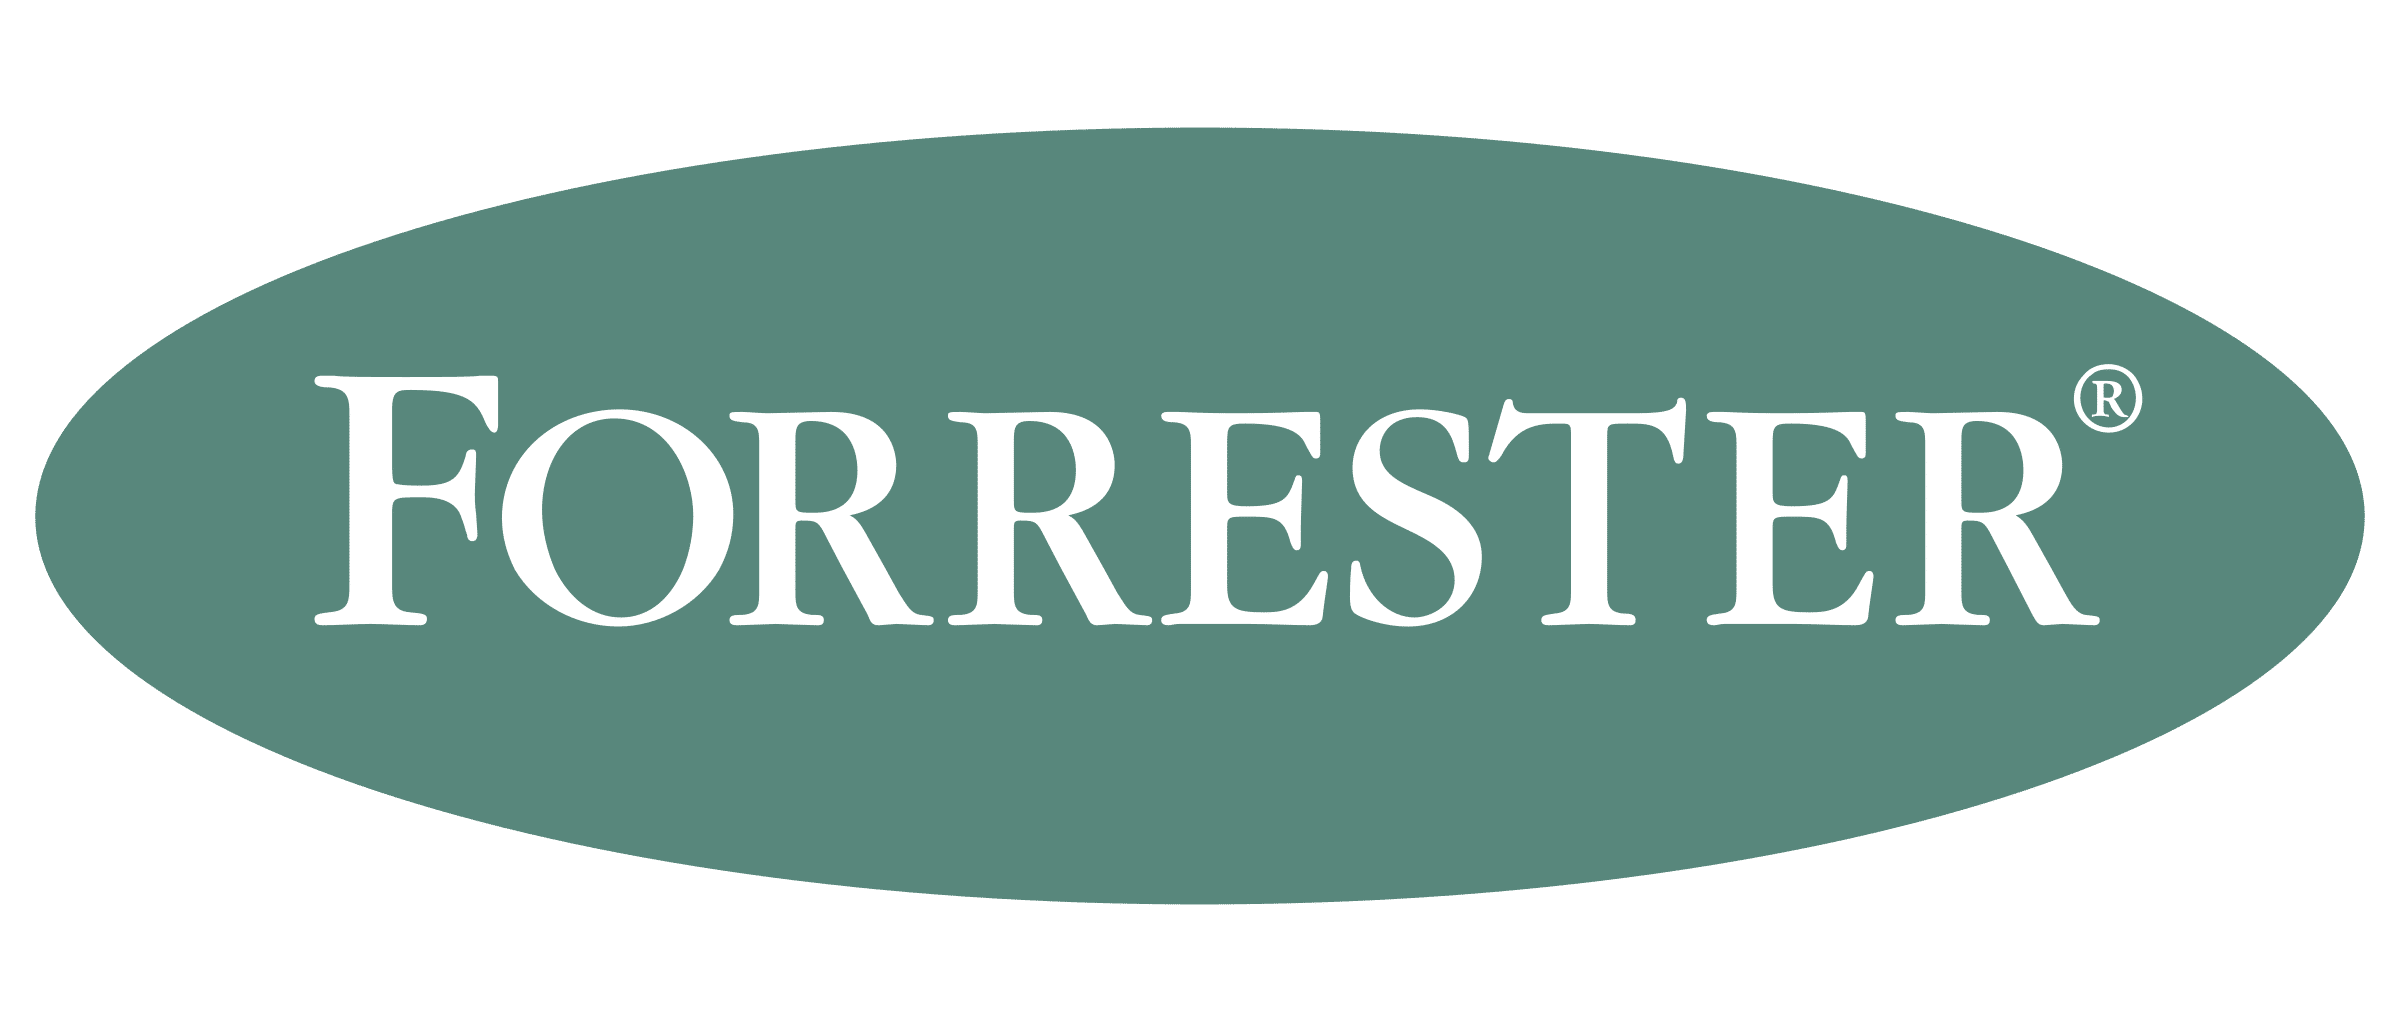 forrester-logo-png-transparent